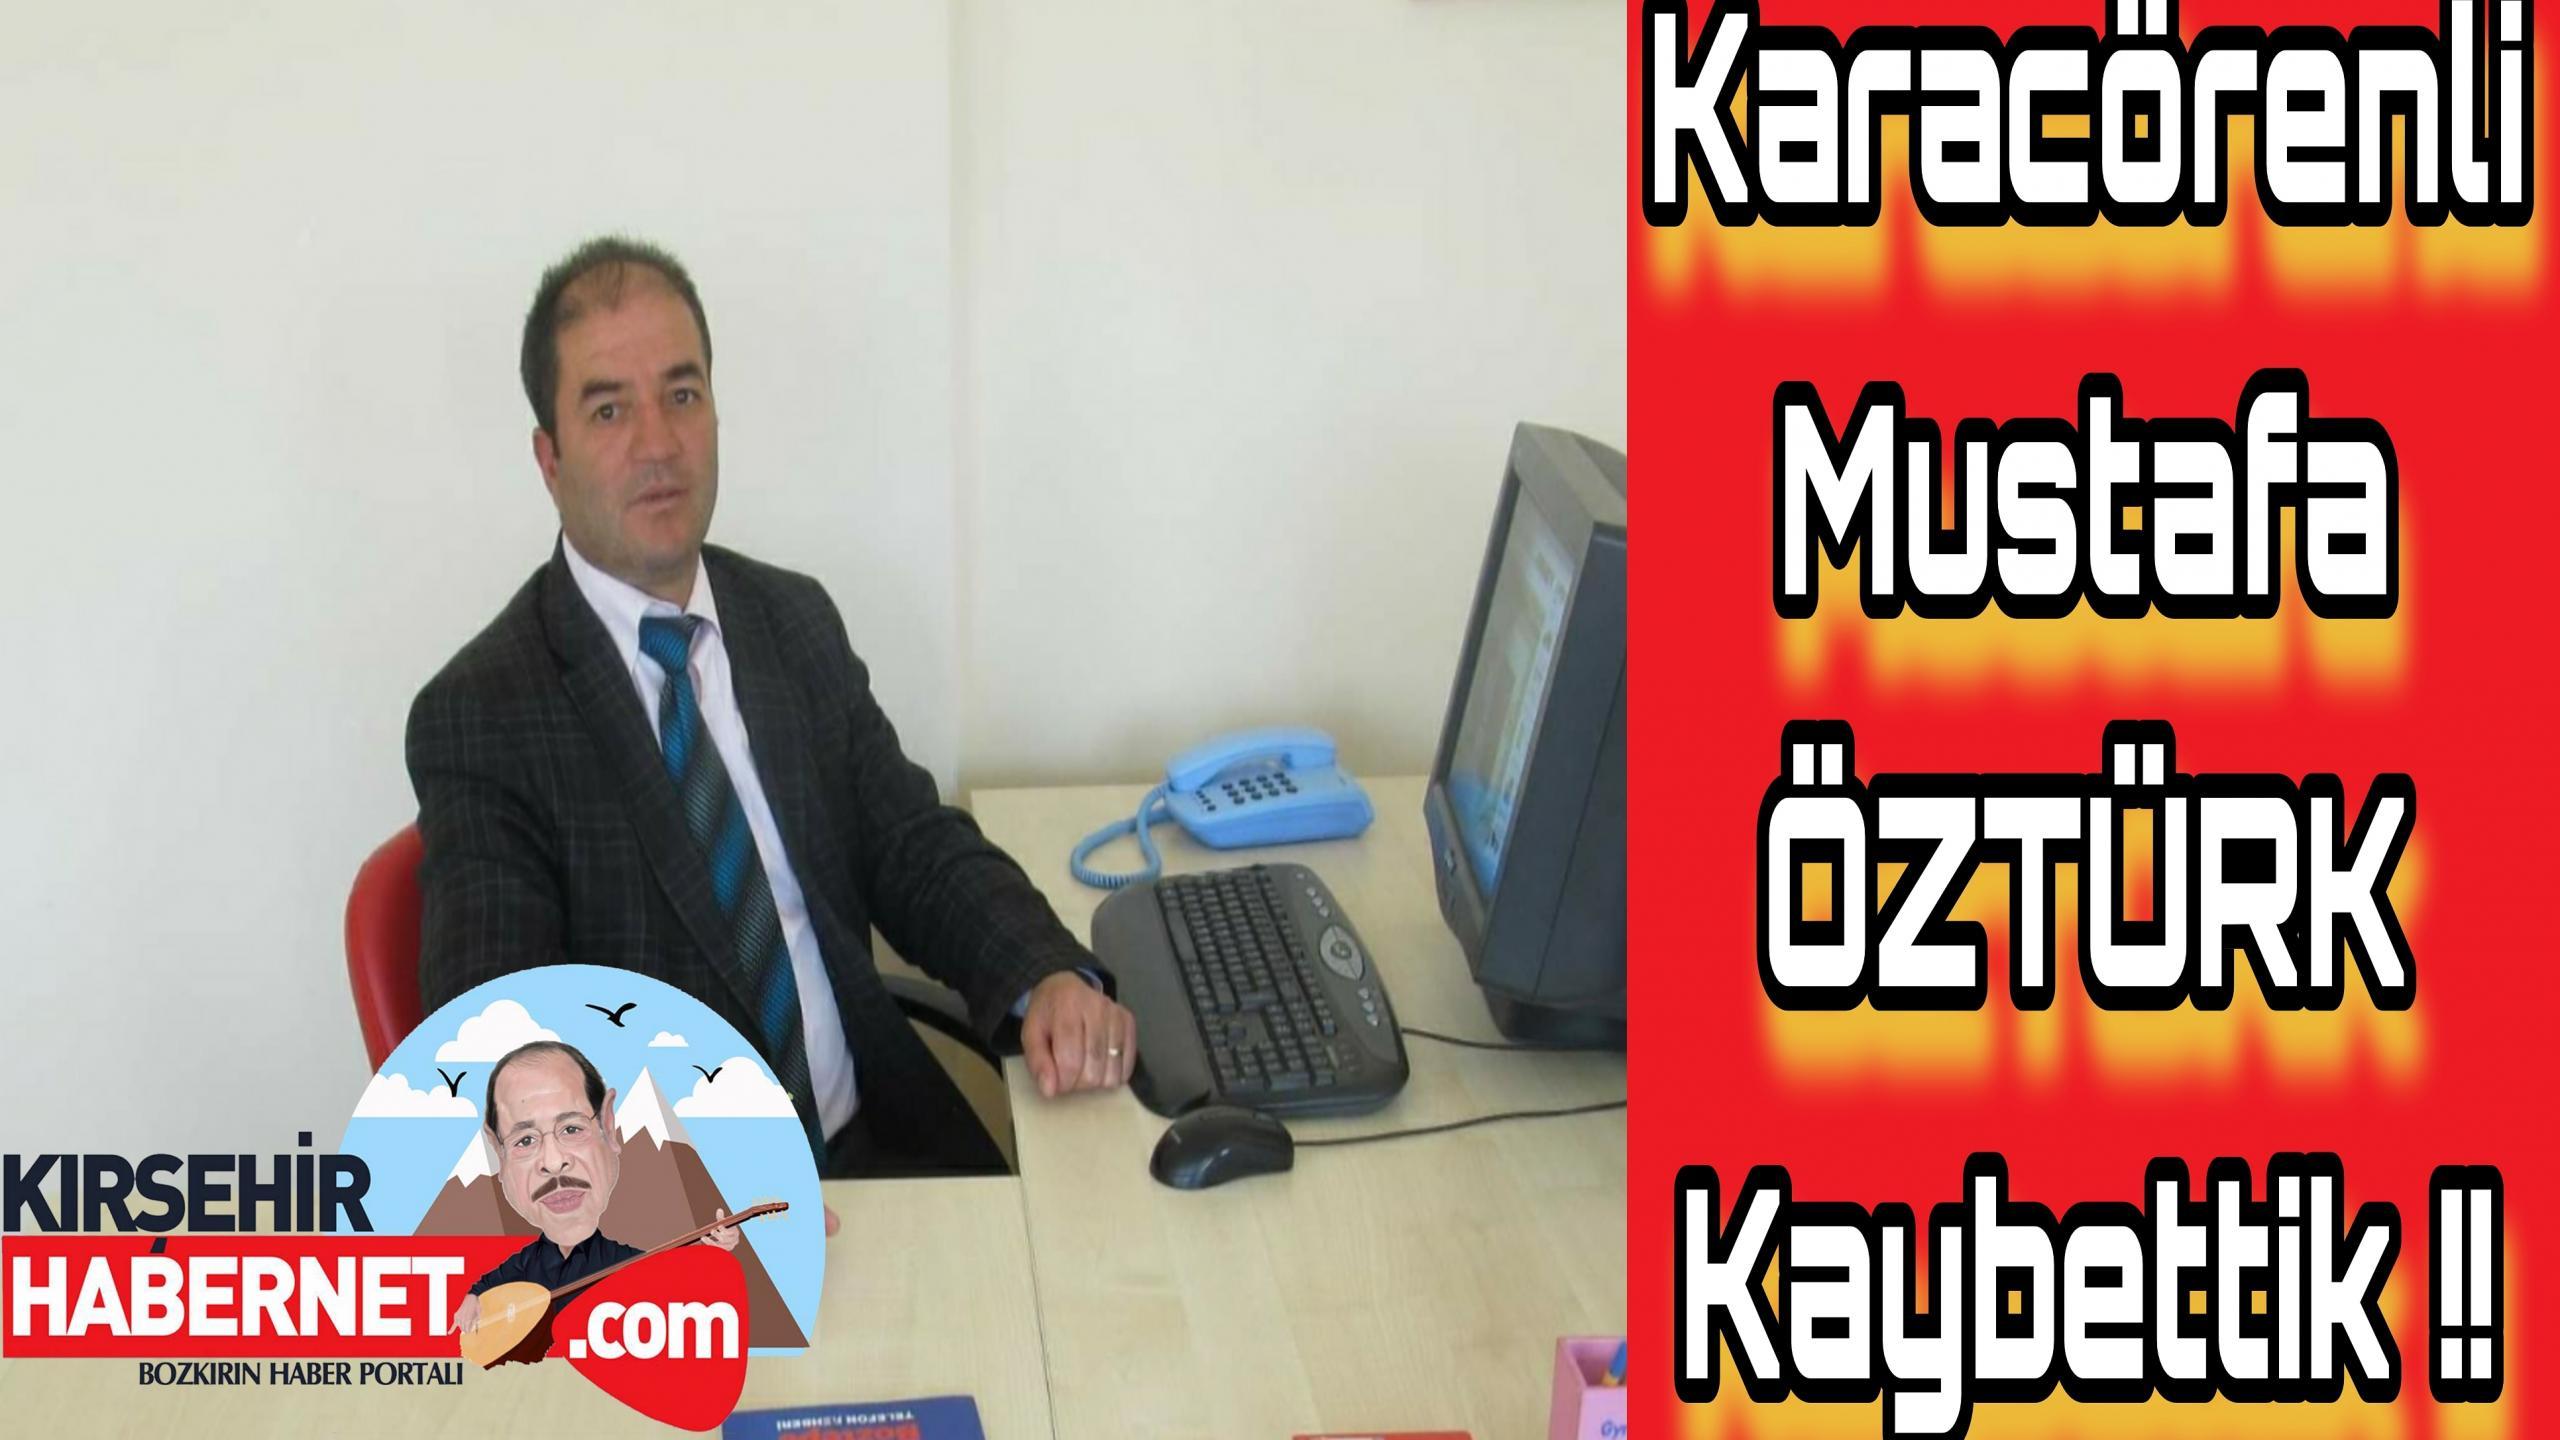 ELİM BİR TRAFİK KAZASI SONUCU HAYATINI KAYBETTİ !!